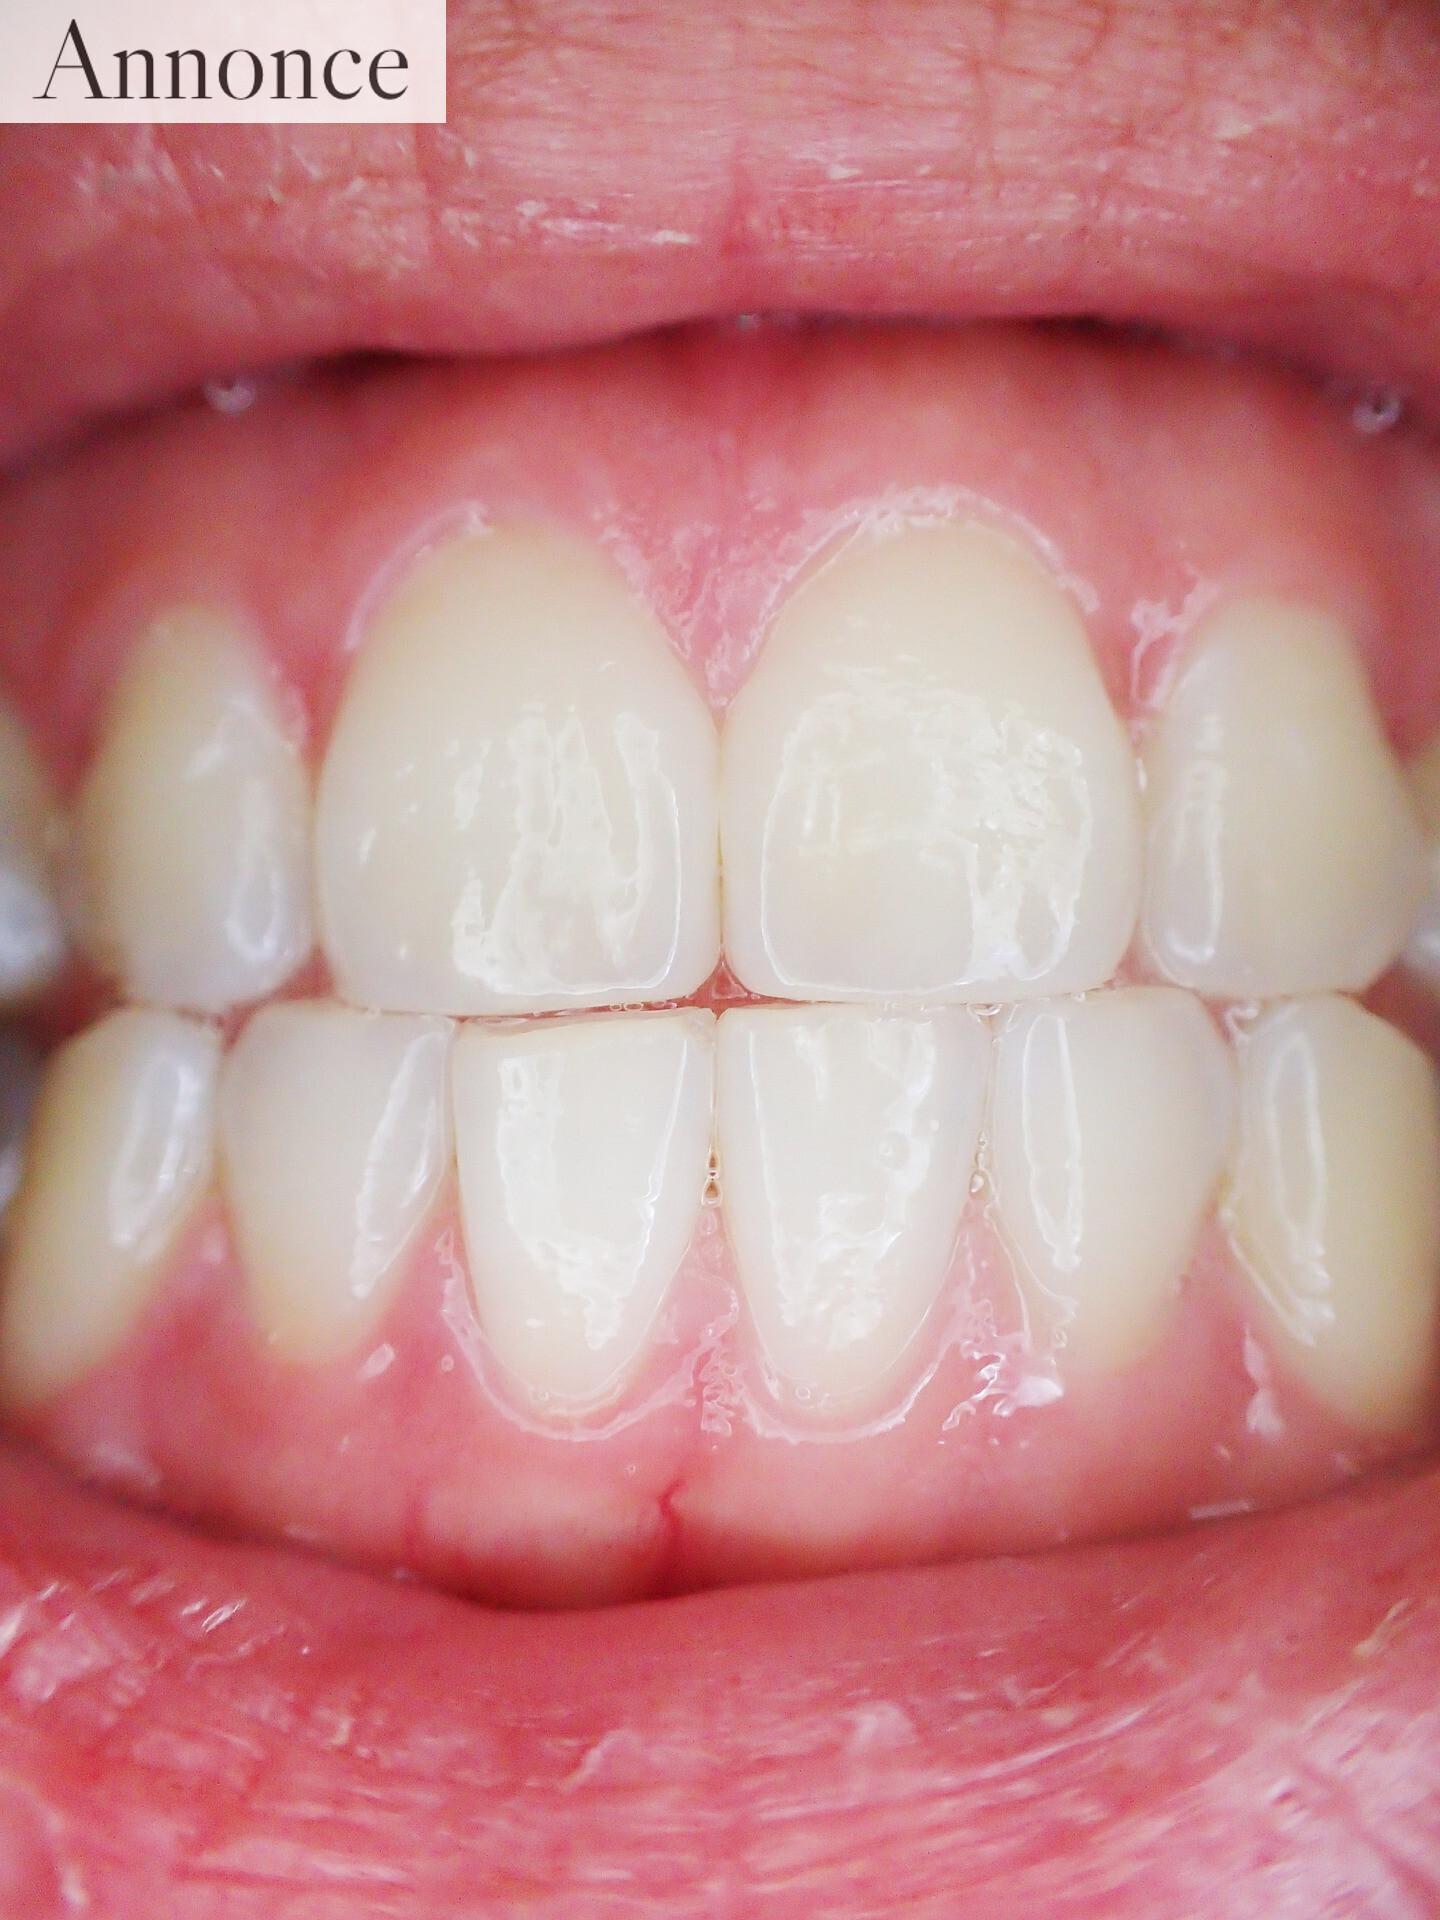 Denne tandlæge fortjener en pris